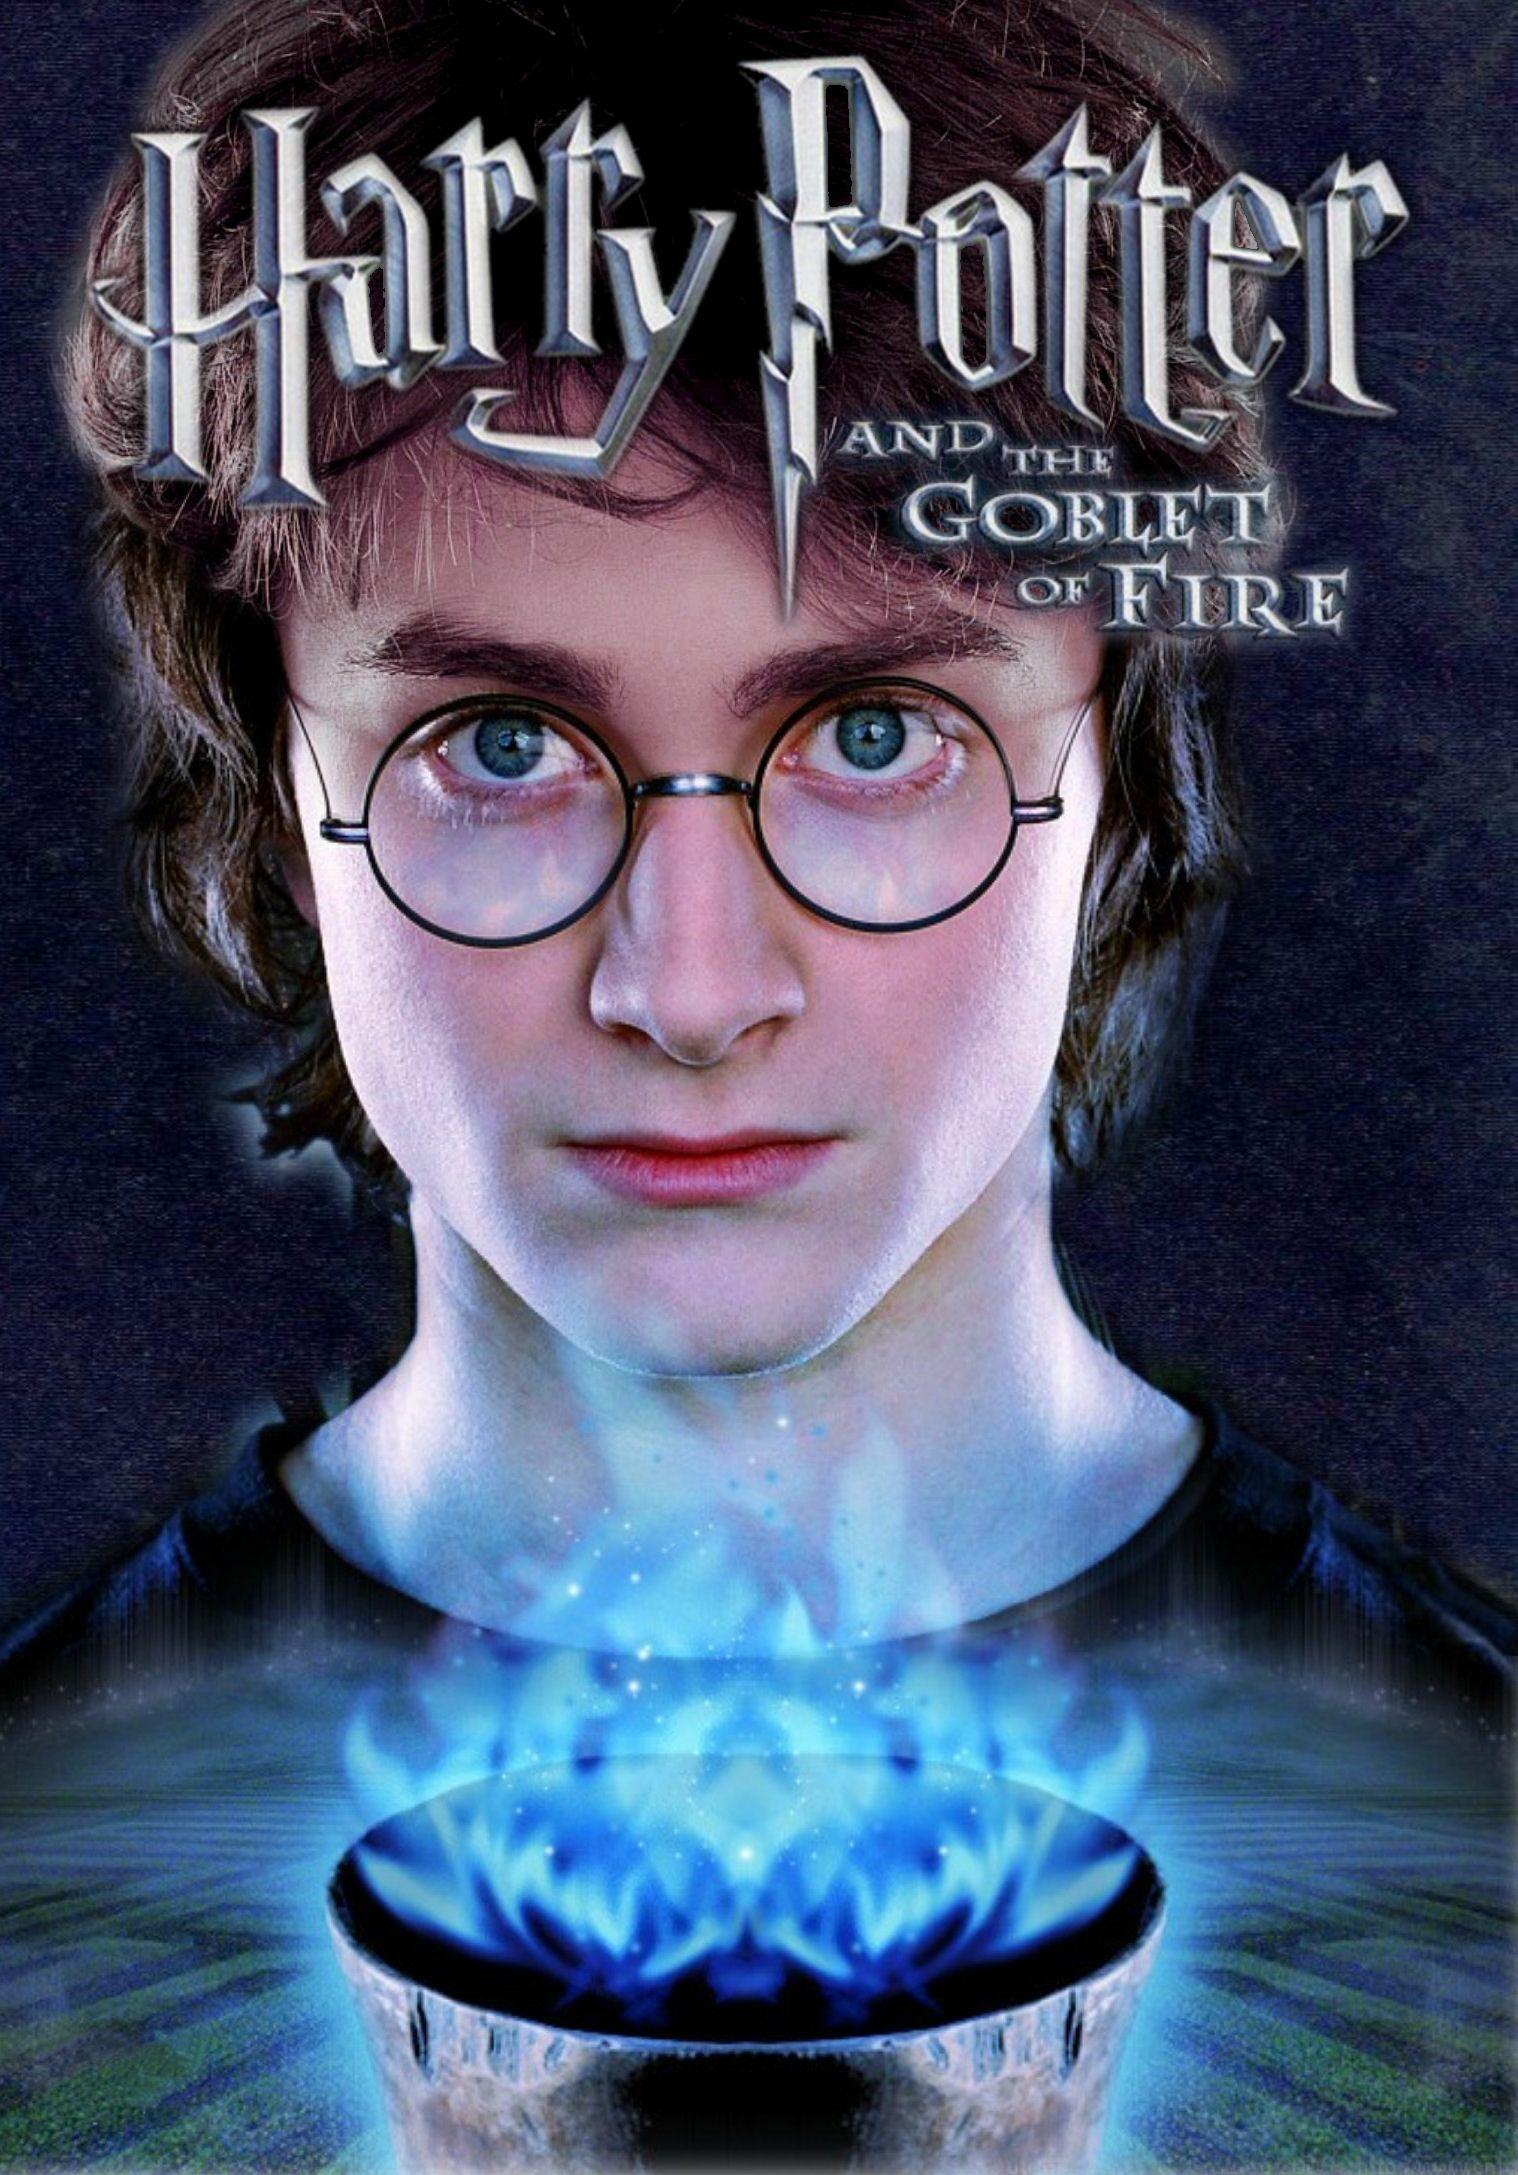 Гарри Поттер 1,2,3,4,5,6 (все части) смотреть онлайн бесплатно